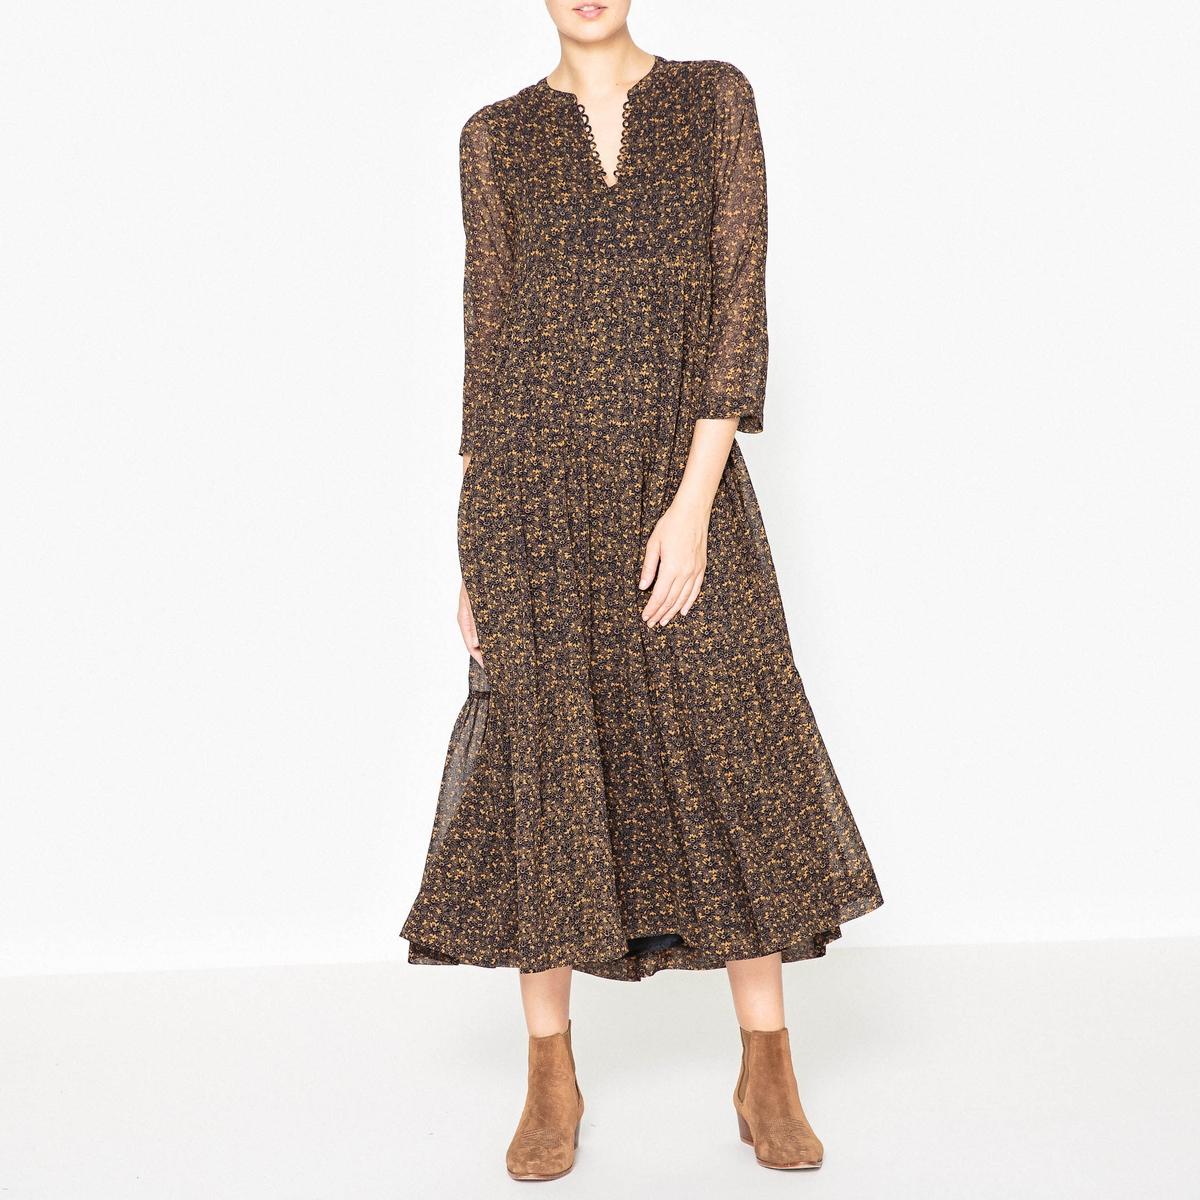 Платье длинное с рисунком AZALEAДлинное платье с длинными рукавами STELLA FOREST - AZALEA из 100% вискозы с рисунком, свободный покрой.Детали •  Форма : МАКСИ •  Длина ниже колен •  Рукава 3/4    •   V-образный вырез •  Рисунок-принтСостав и уход •  100% вискоза •  Следуйте советам по уходу, указанным на этикетке •  Оригинальные детали на вырезе •  Свободный, расширяющийся книзу покрой •  Длина ок. 126 см. для размера 36<br><br>Цвет: темно-синий